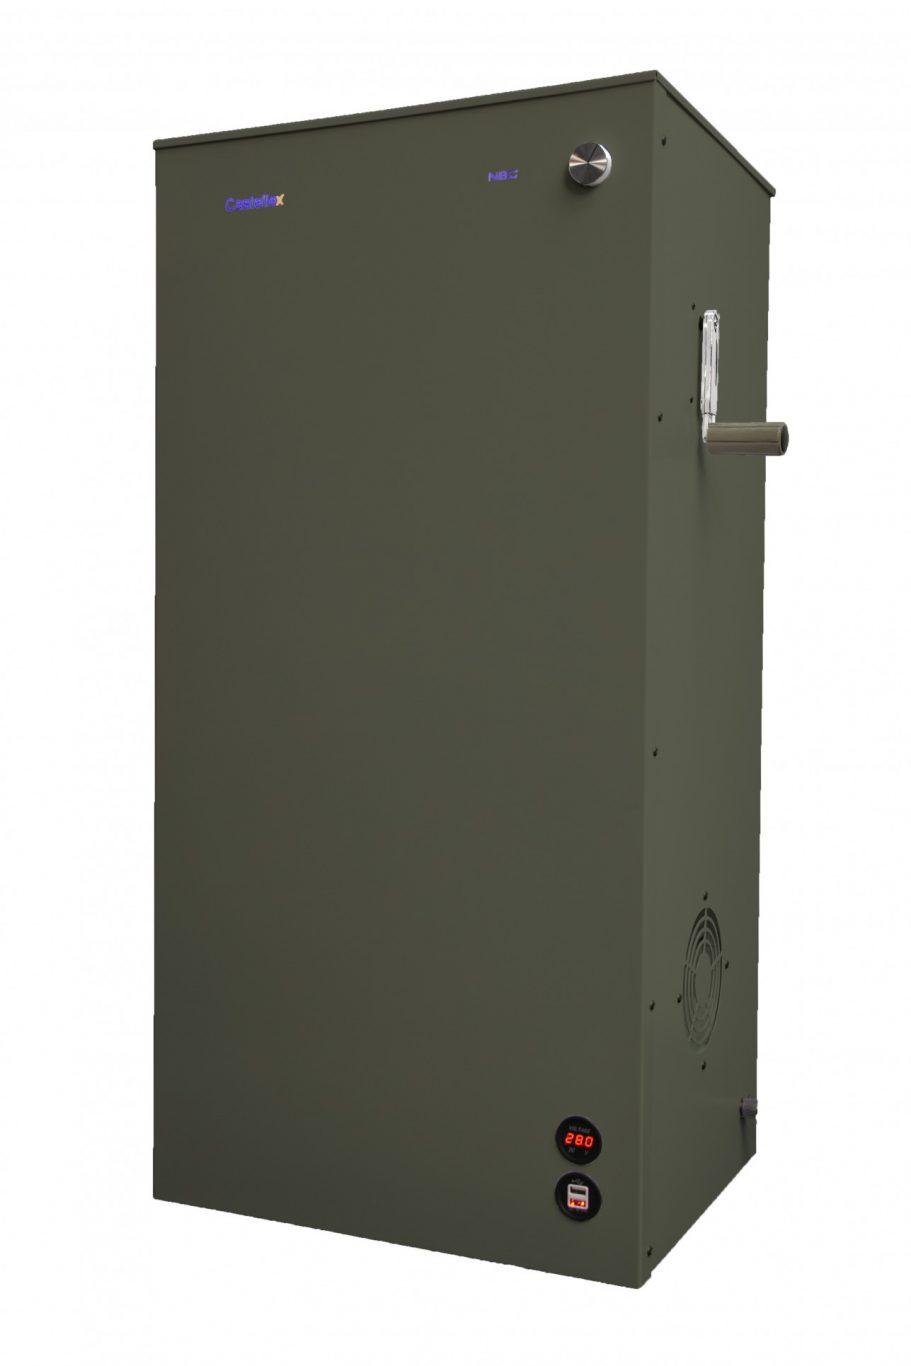 Castellex Air550hcc Ultimate Nbc Air Filtration Unit